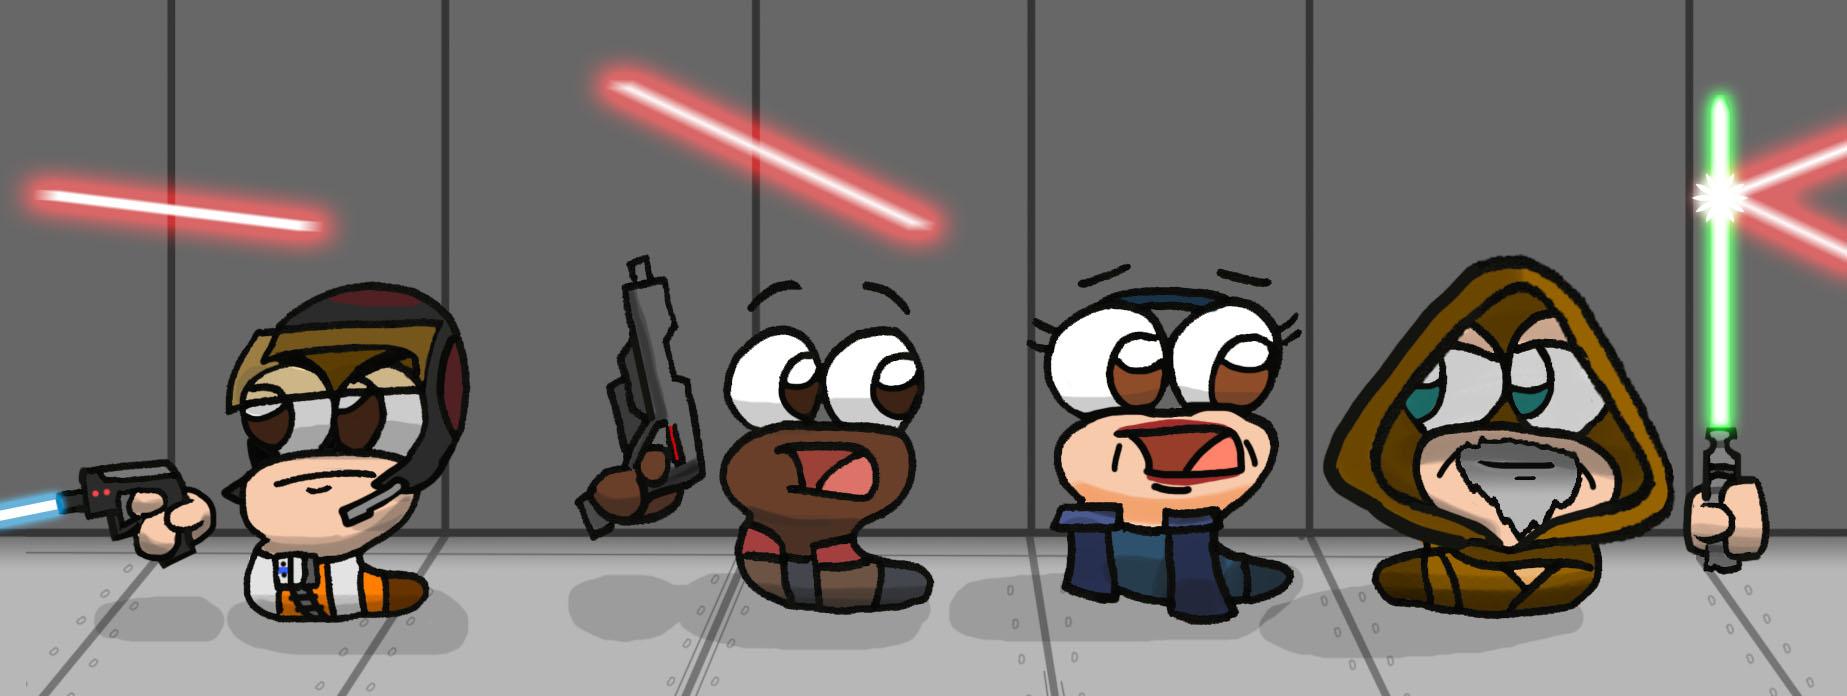 Finn+Poe+Luke+Leia